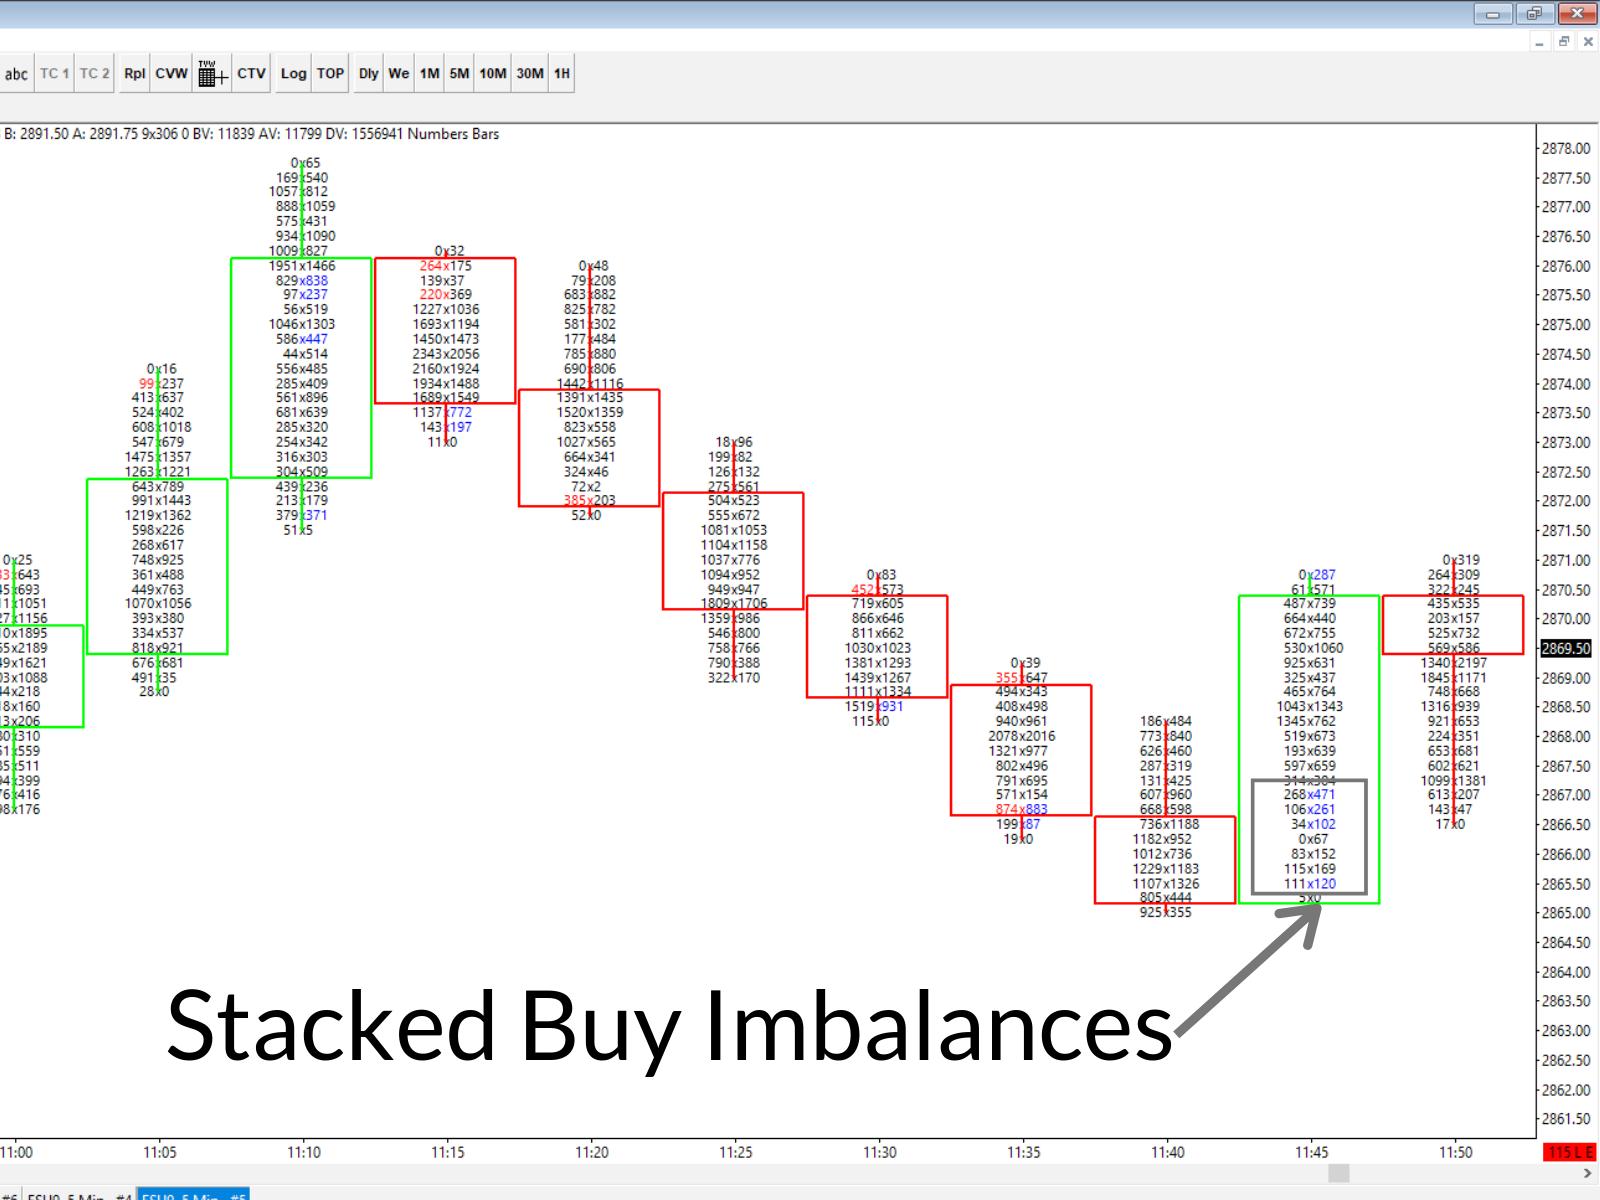 Stacked Buy Imbalances